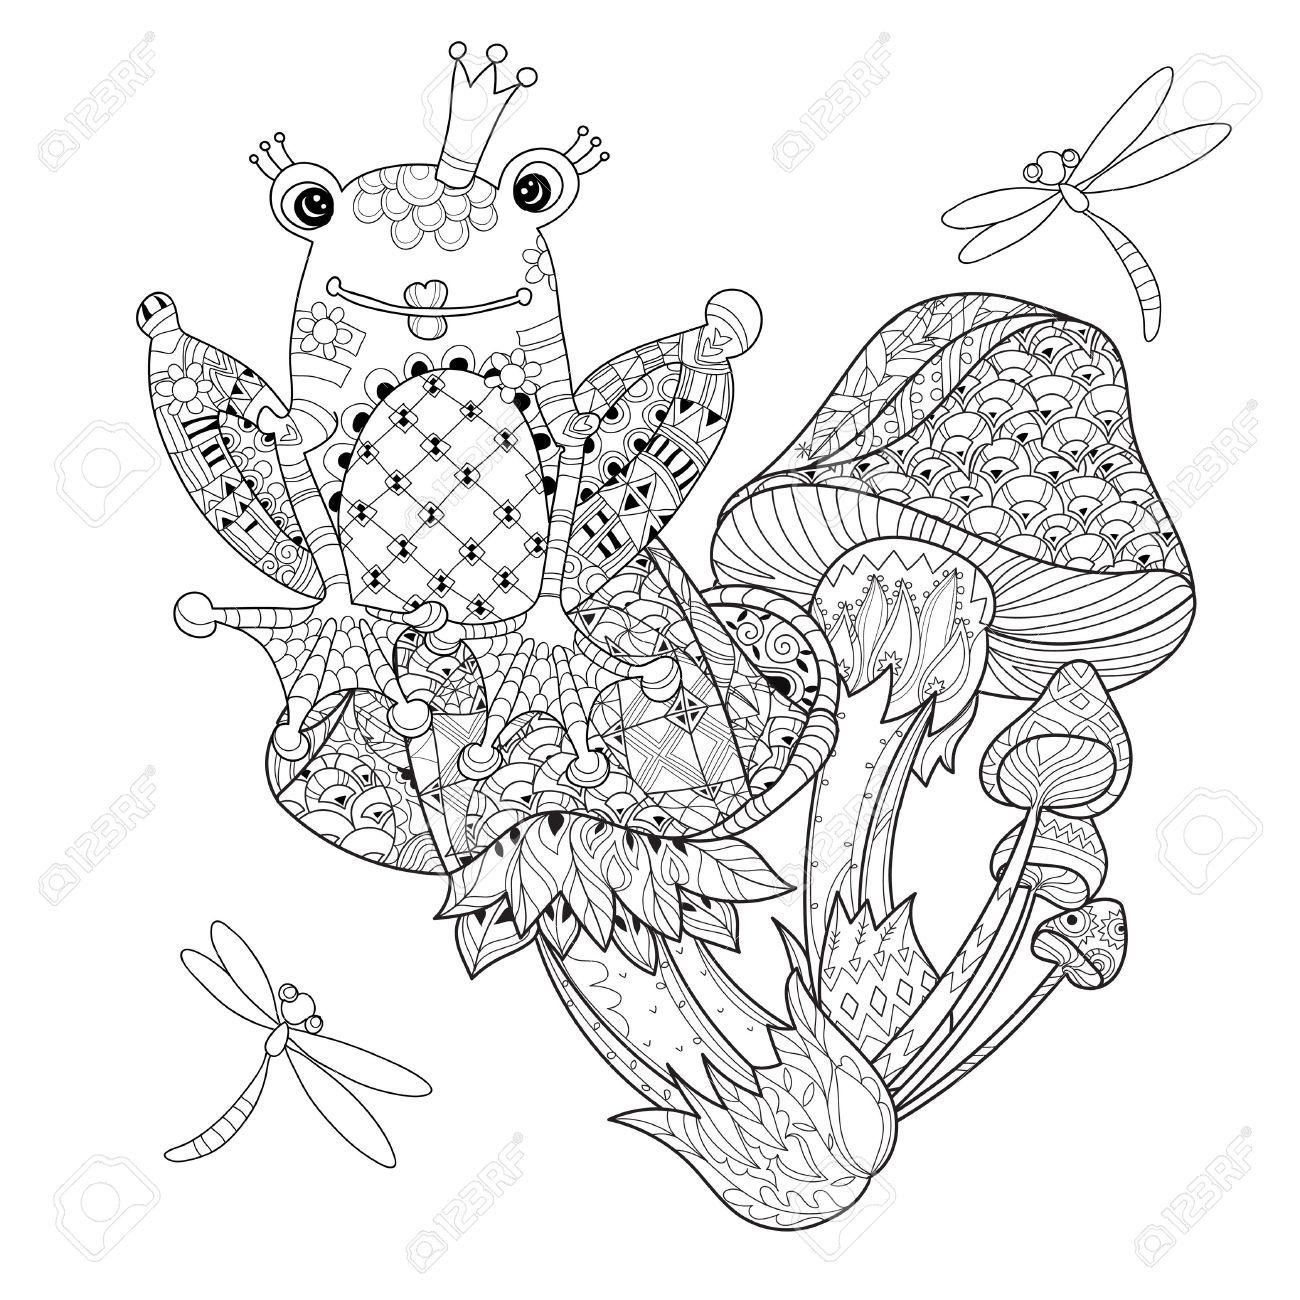 Dibujado A Mano Contorno Doodle De Los Hongos Mágicos Y Princesa De ...